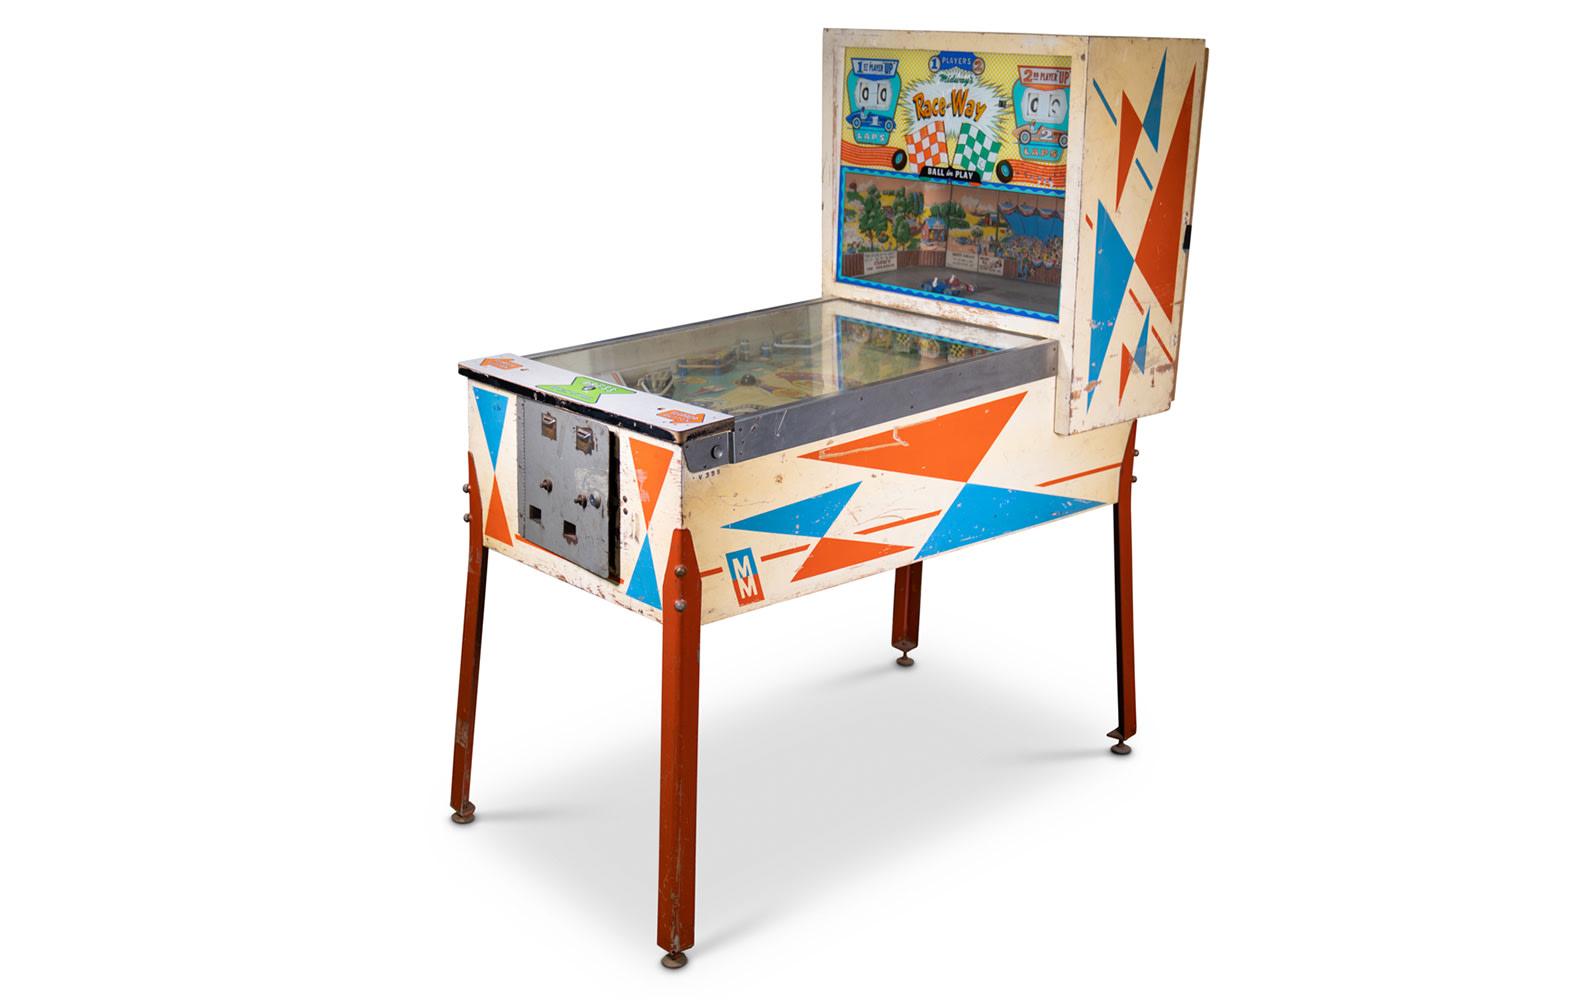 c. 1963 Midway Race-Way Pinball Machine